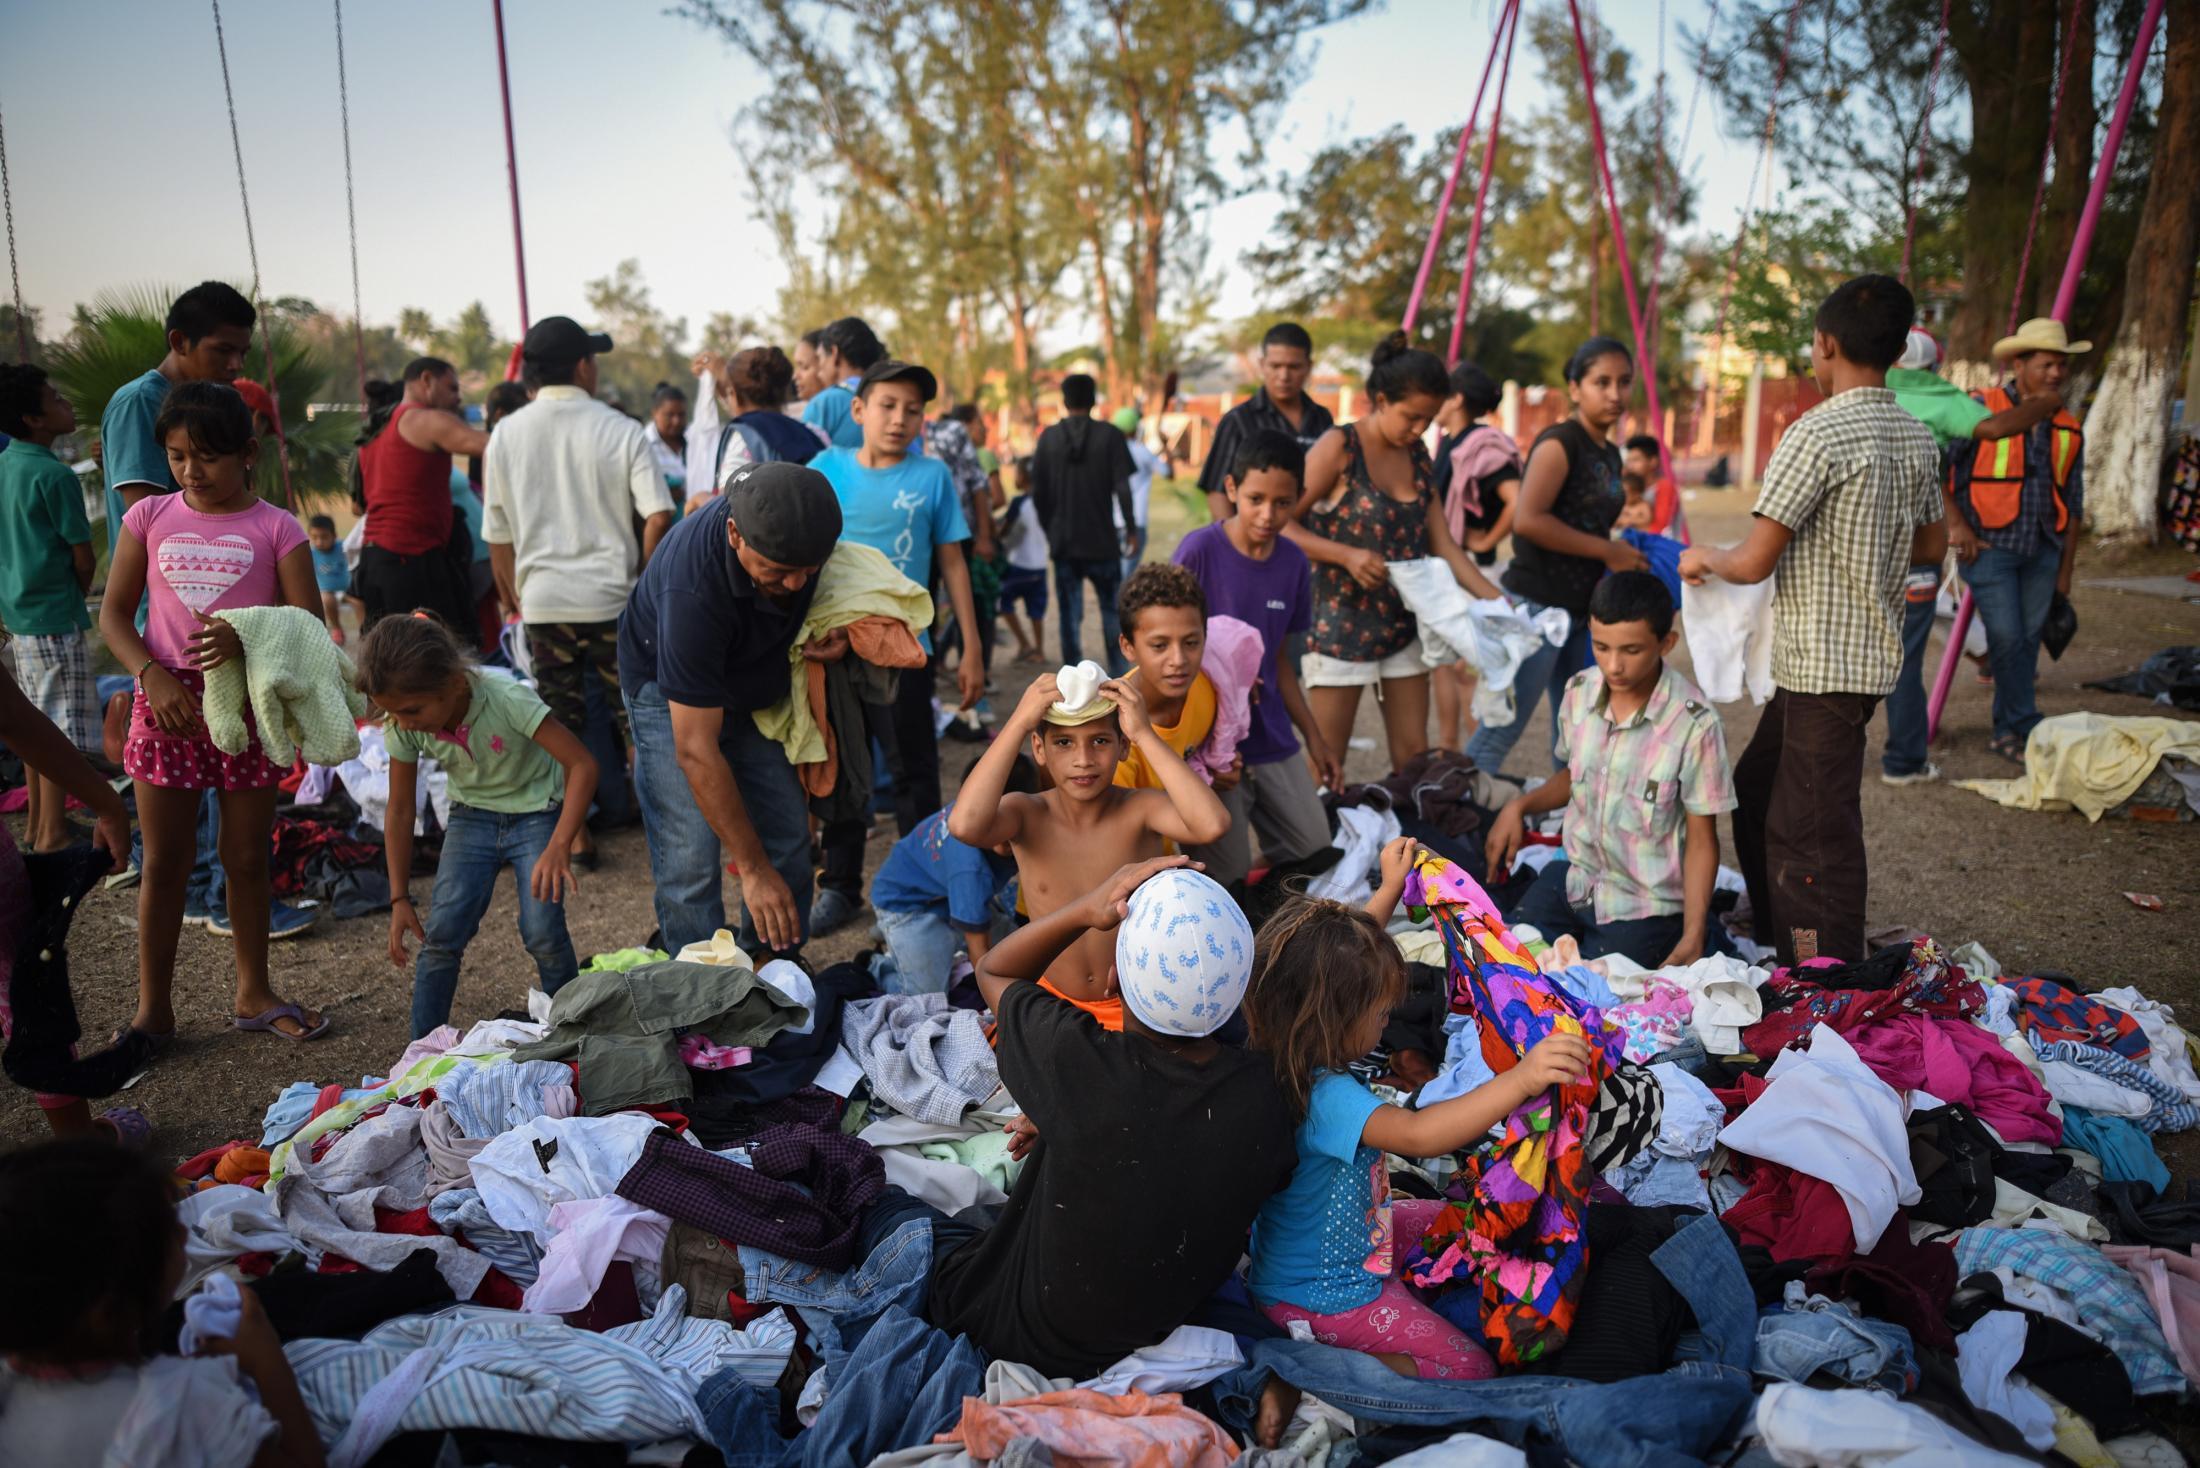 Migrantes centroamericanos escogen ropa que fue donada para ellos en un centro deportivo donde se refugian para posteriormente seguir su camino con la caravana. En Matías Romero, Oaxaca. El 1 de Abril del 2018